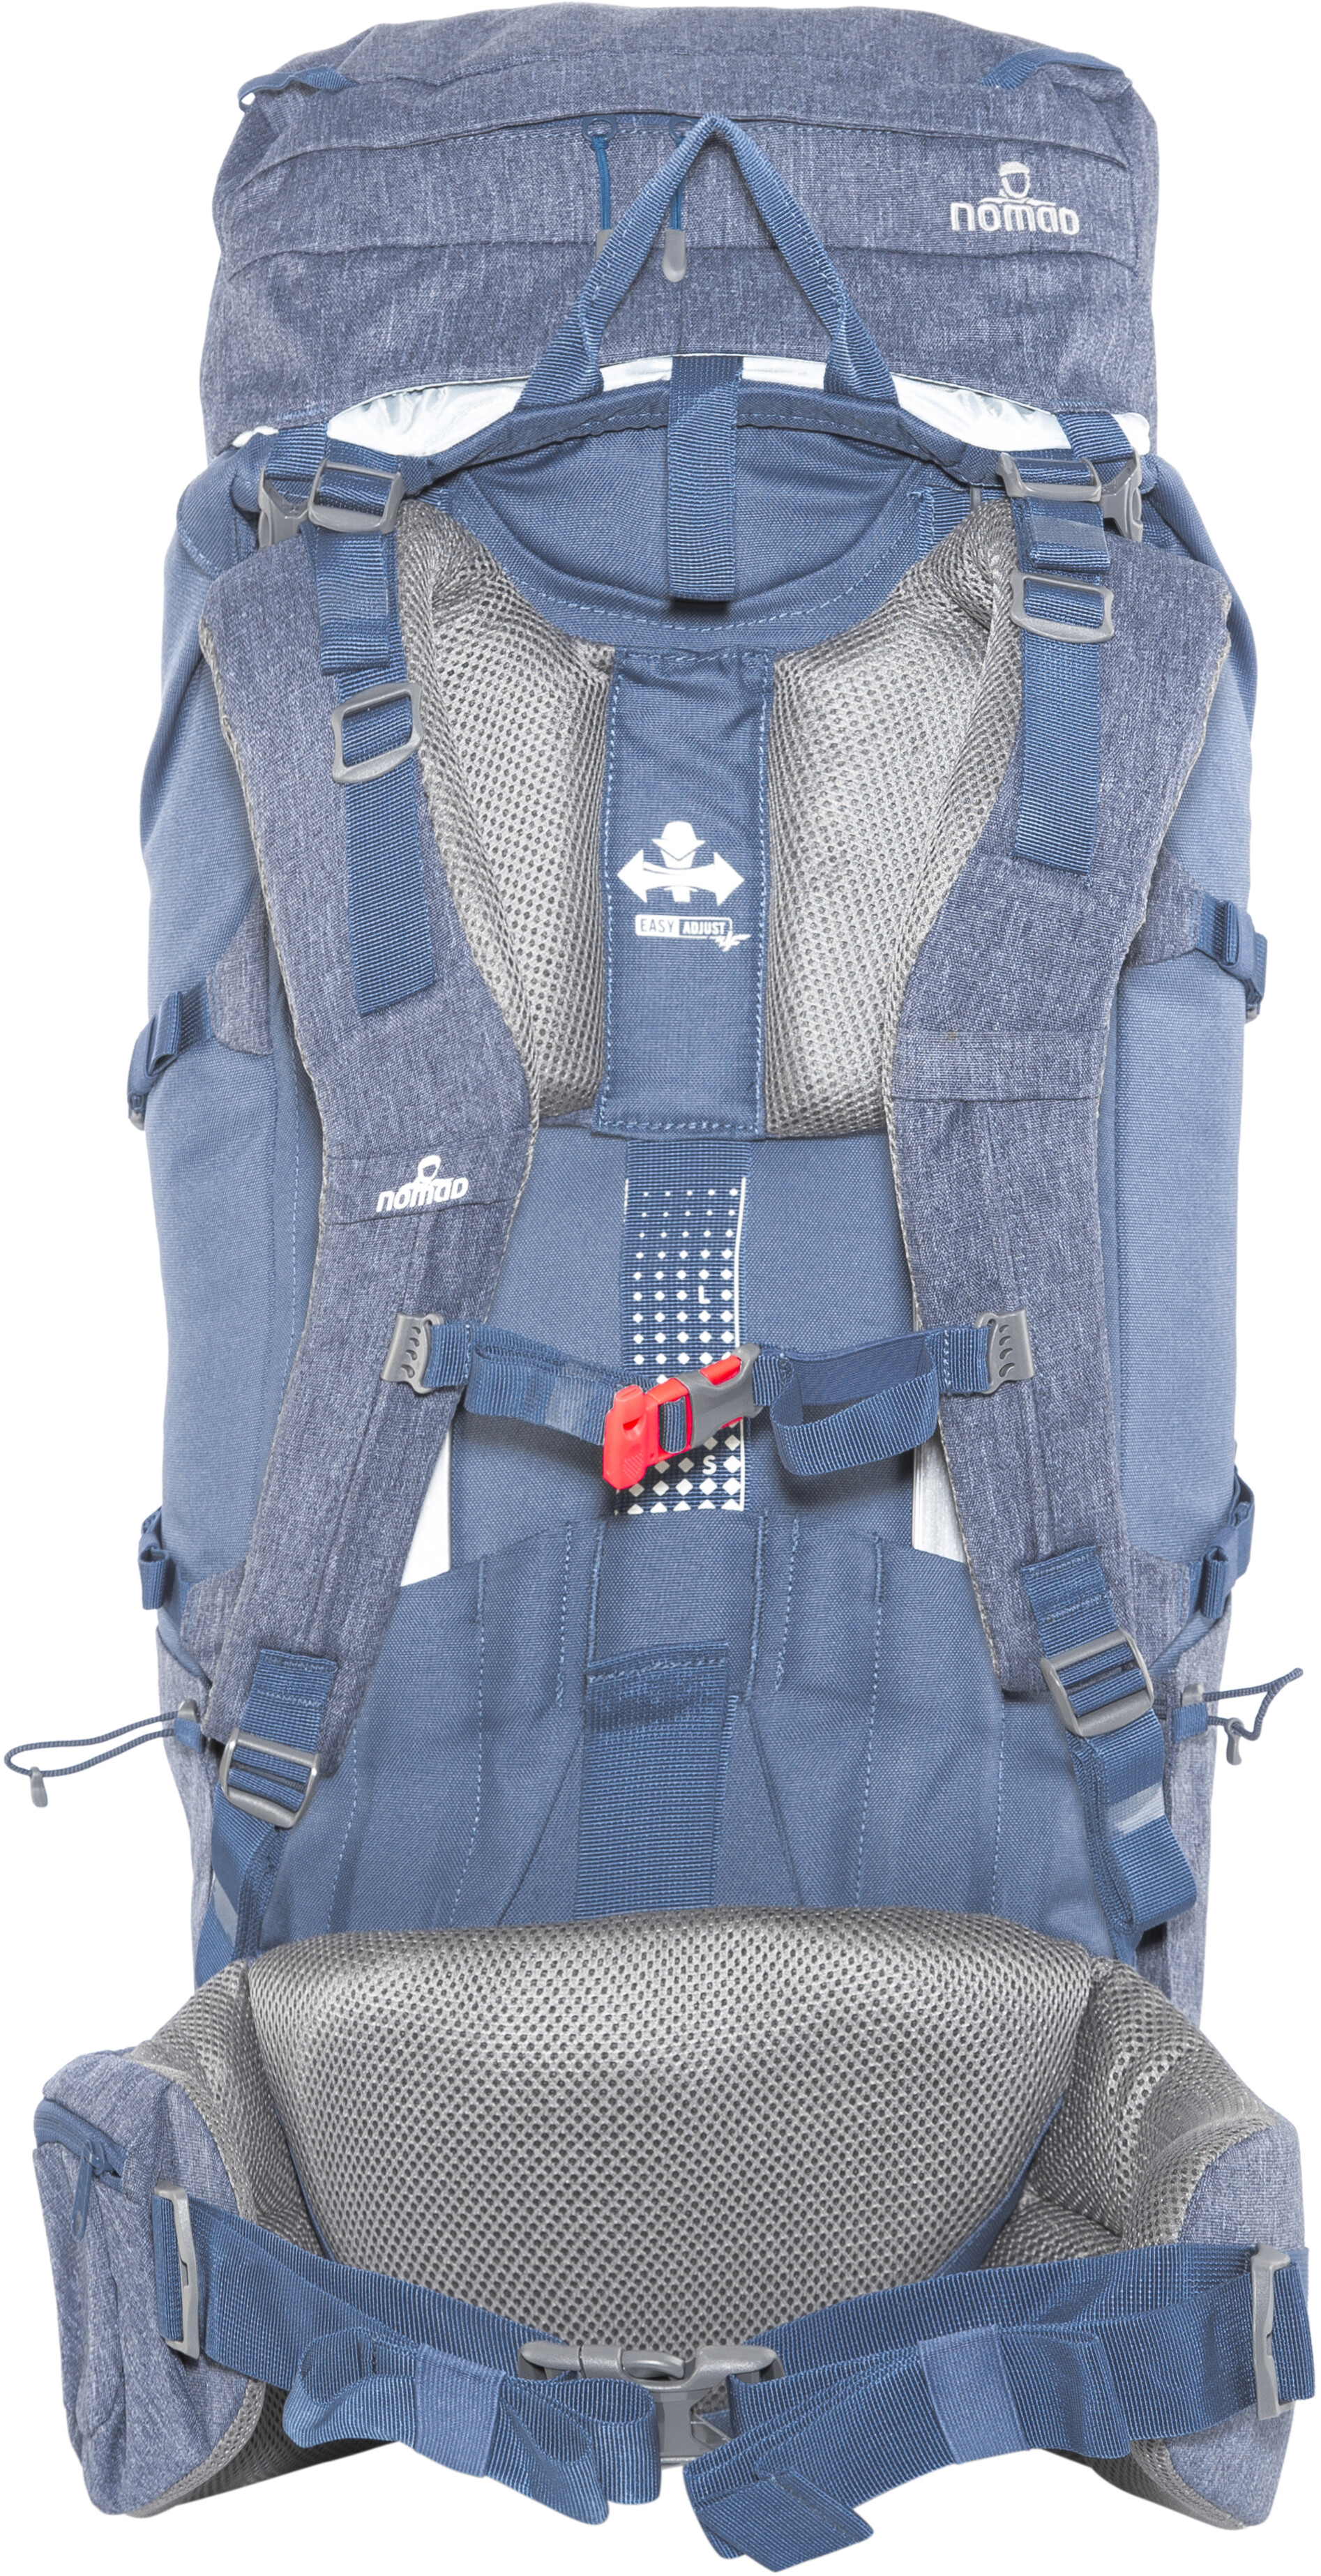 86465d43e3c Nomad Voyager rugzak Dames 60l blauw l Online outdoor shop Campz.nl